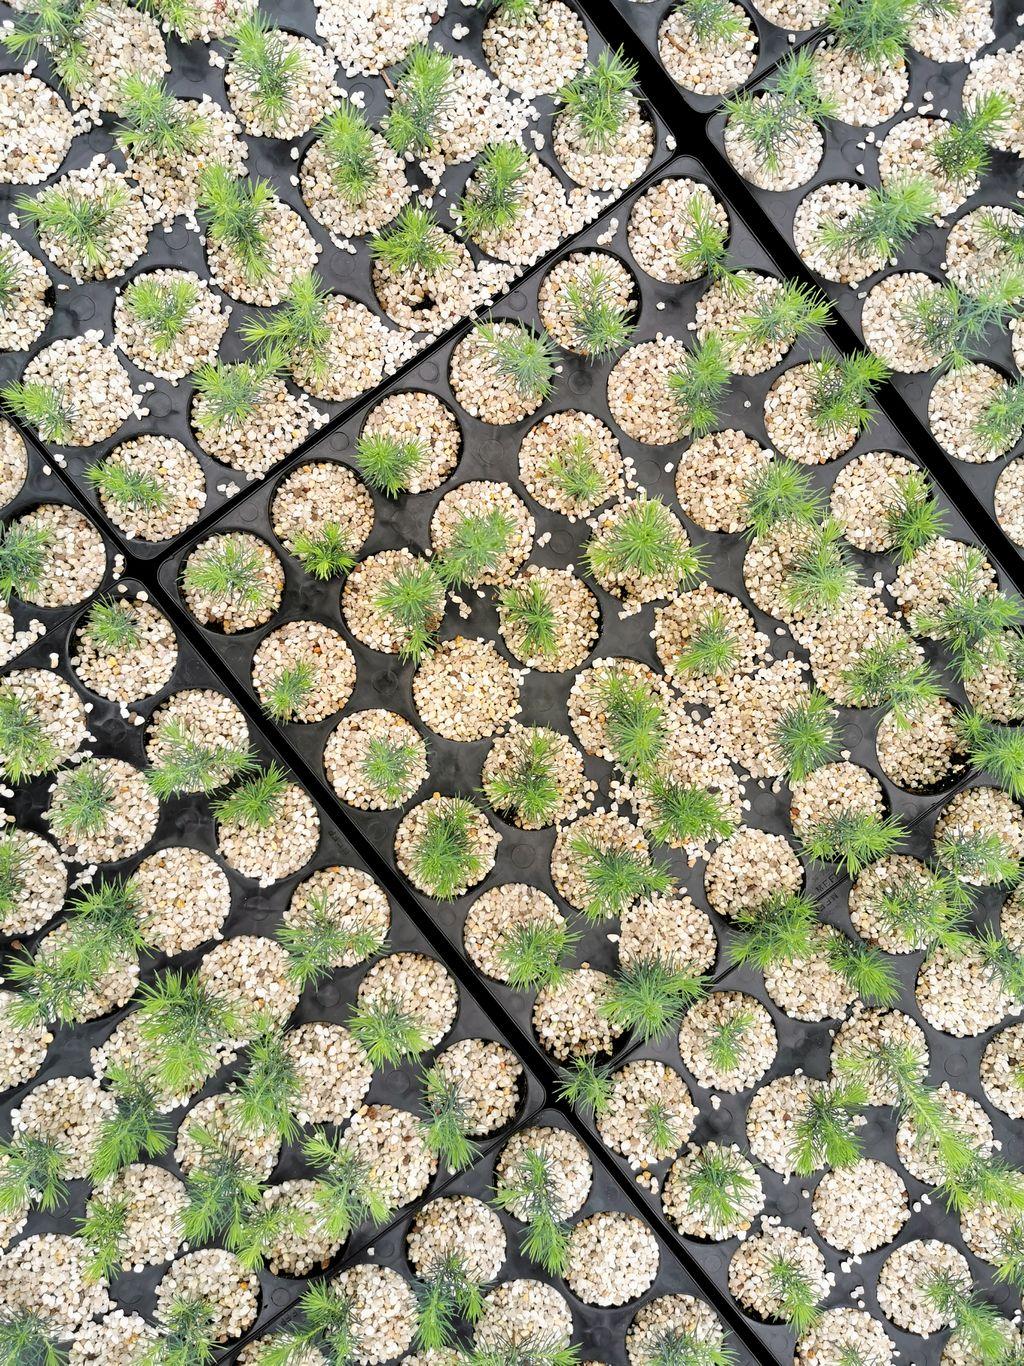 Environ 10 millions de plants sont produits chaque année à la Pépinière de Normandin.